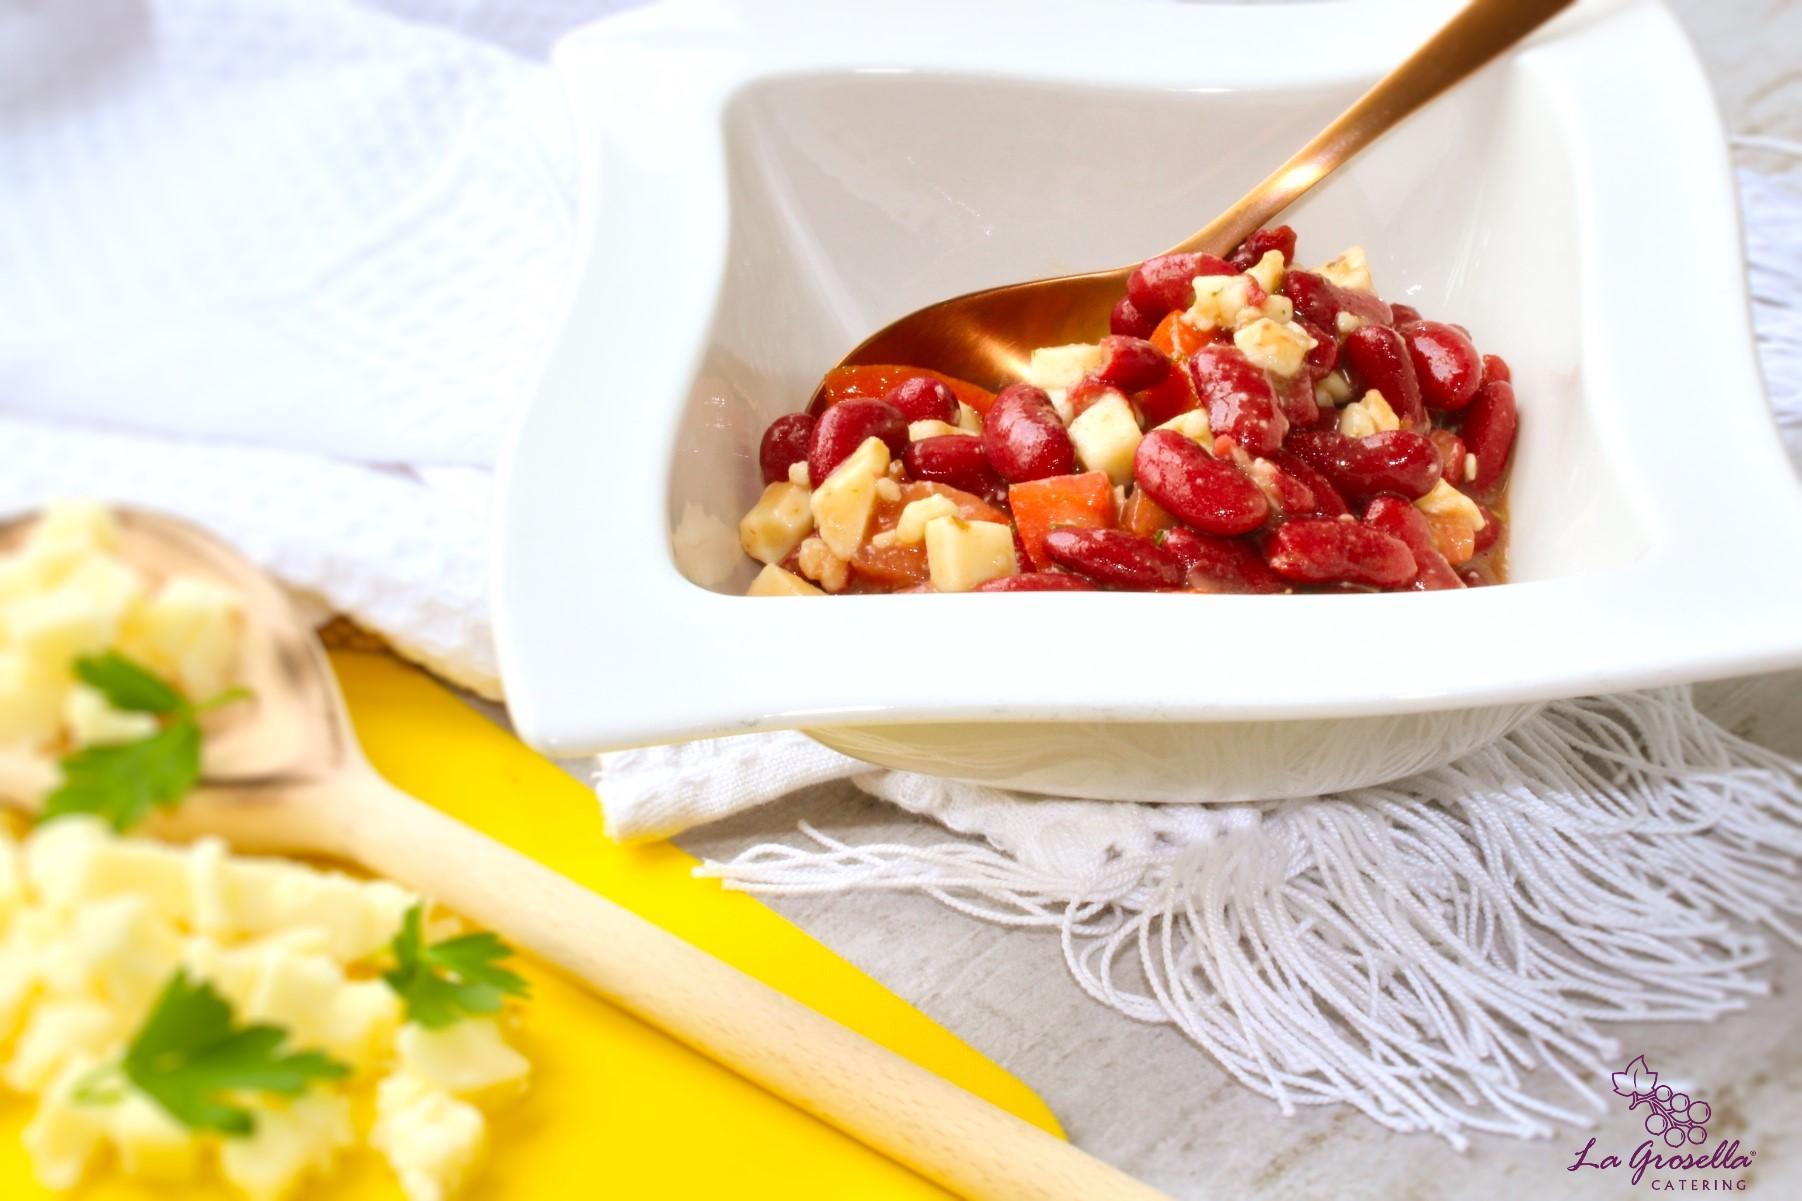 Ensalada de alubias rojas con provola